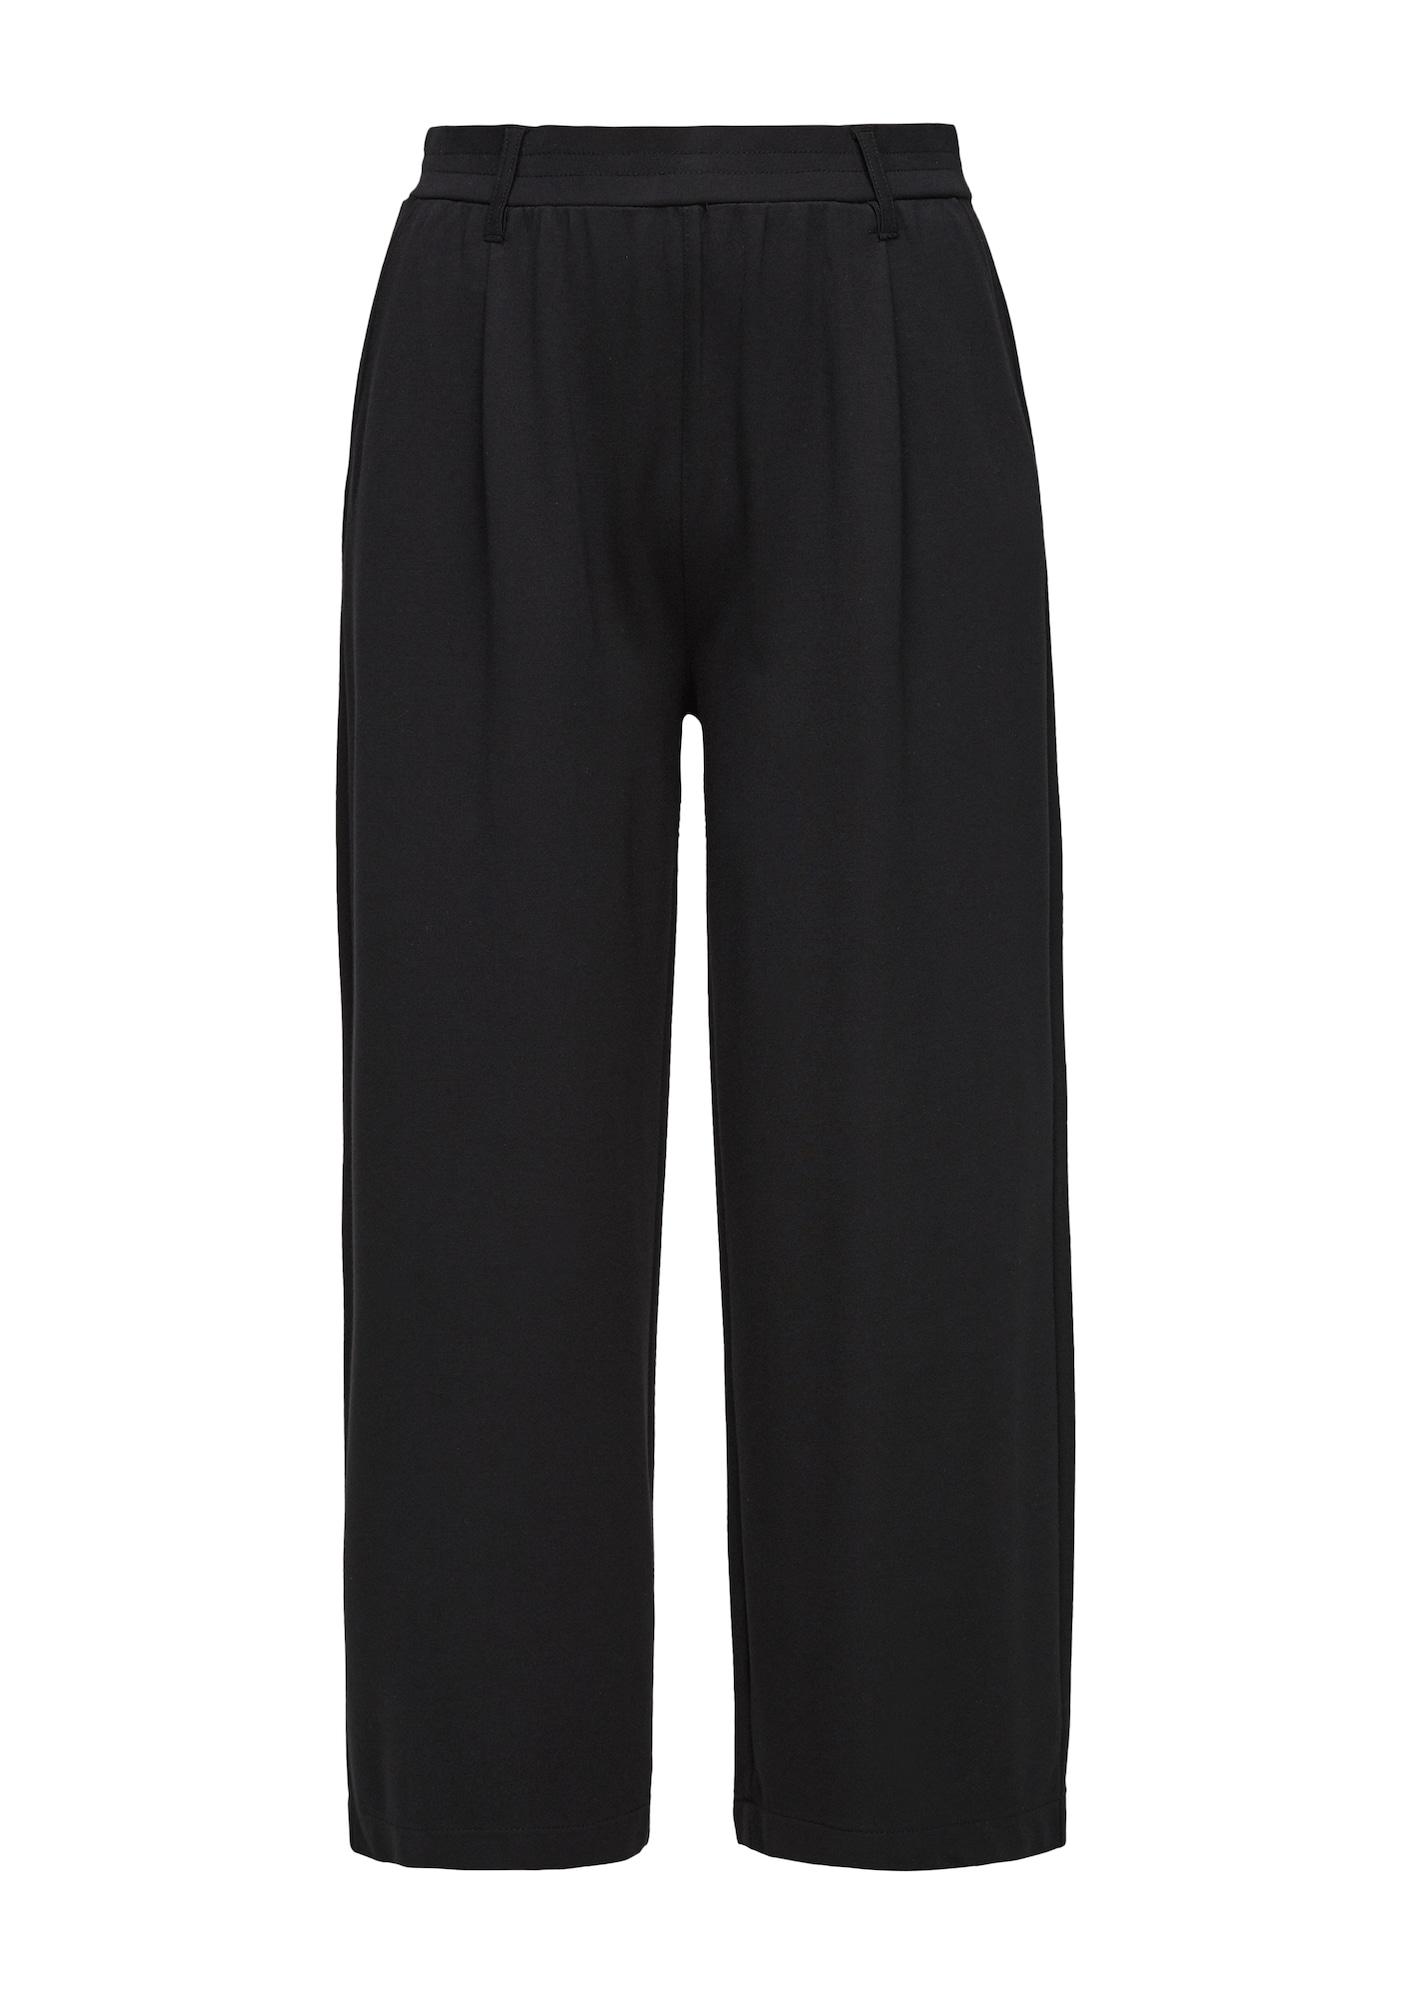 Q/S designed by Klostuotos kelnės juoda